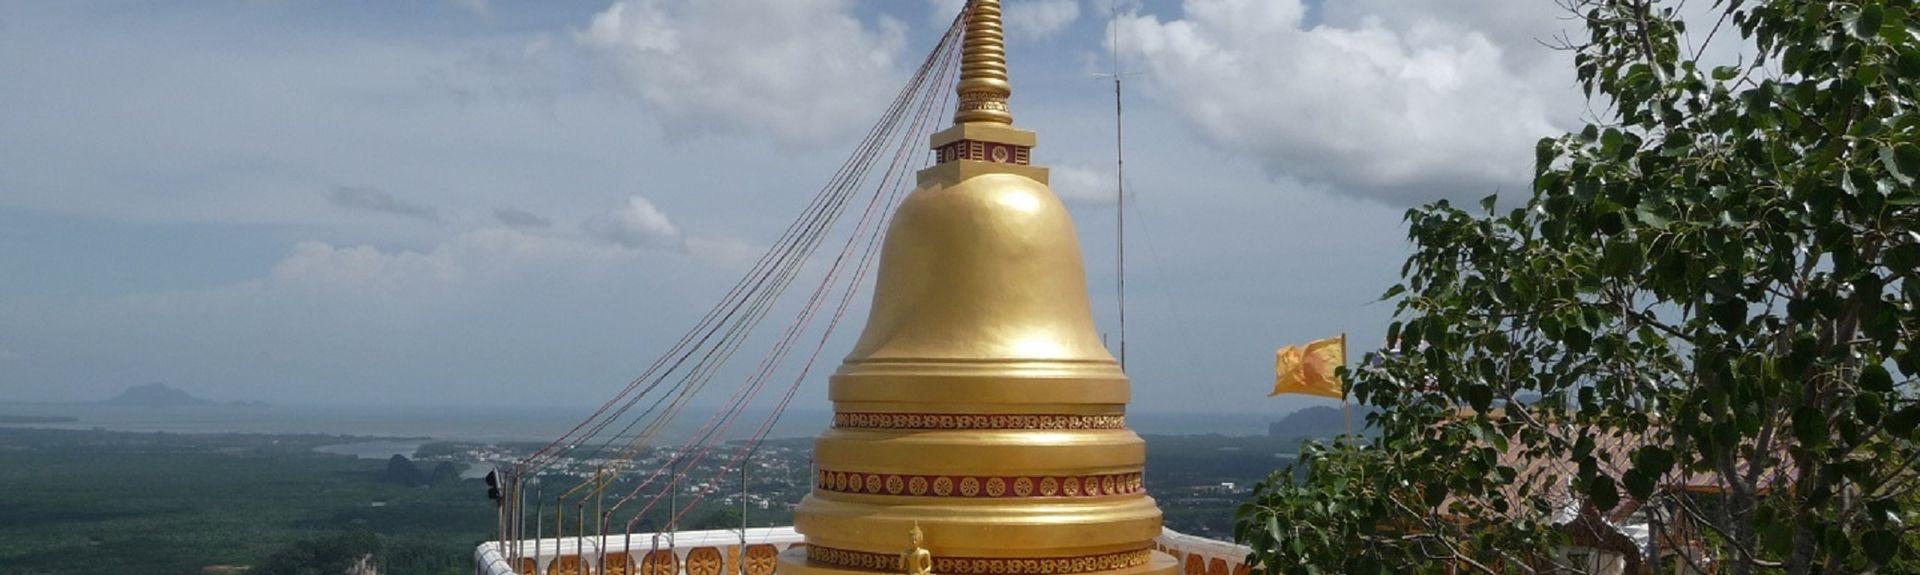 Krabin keskusta, Thaimaa